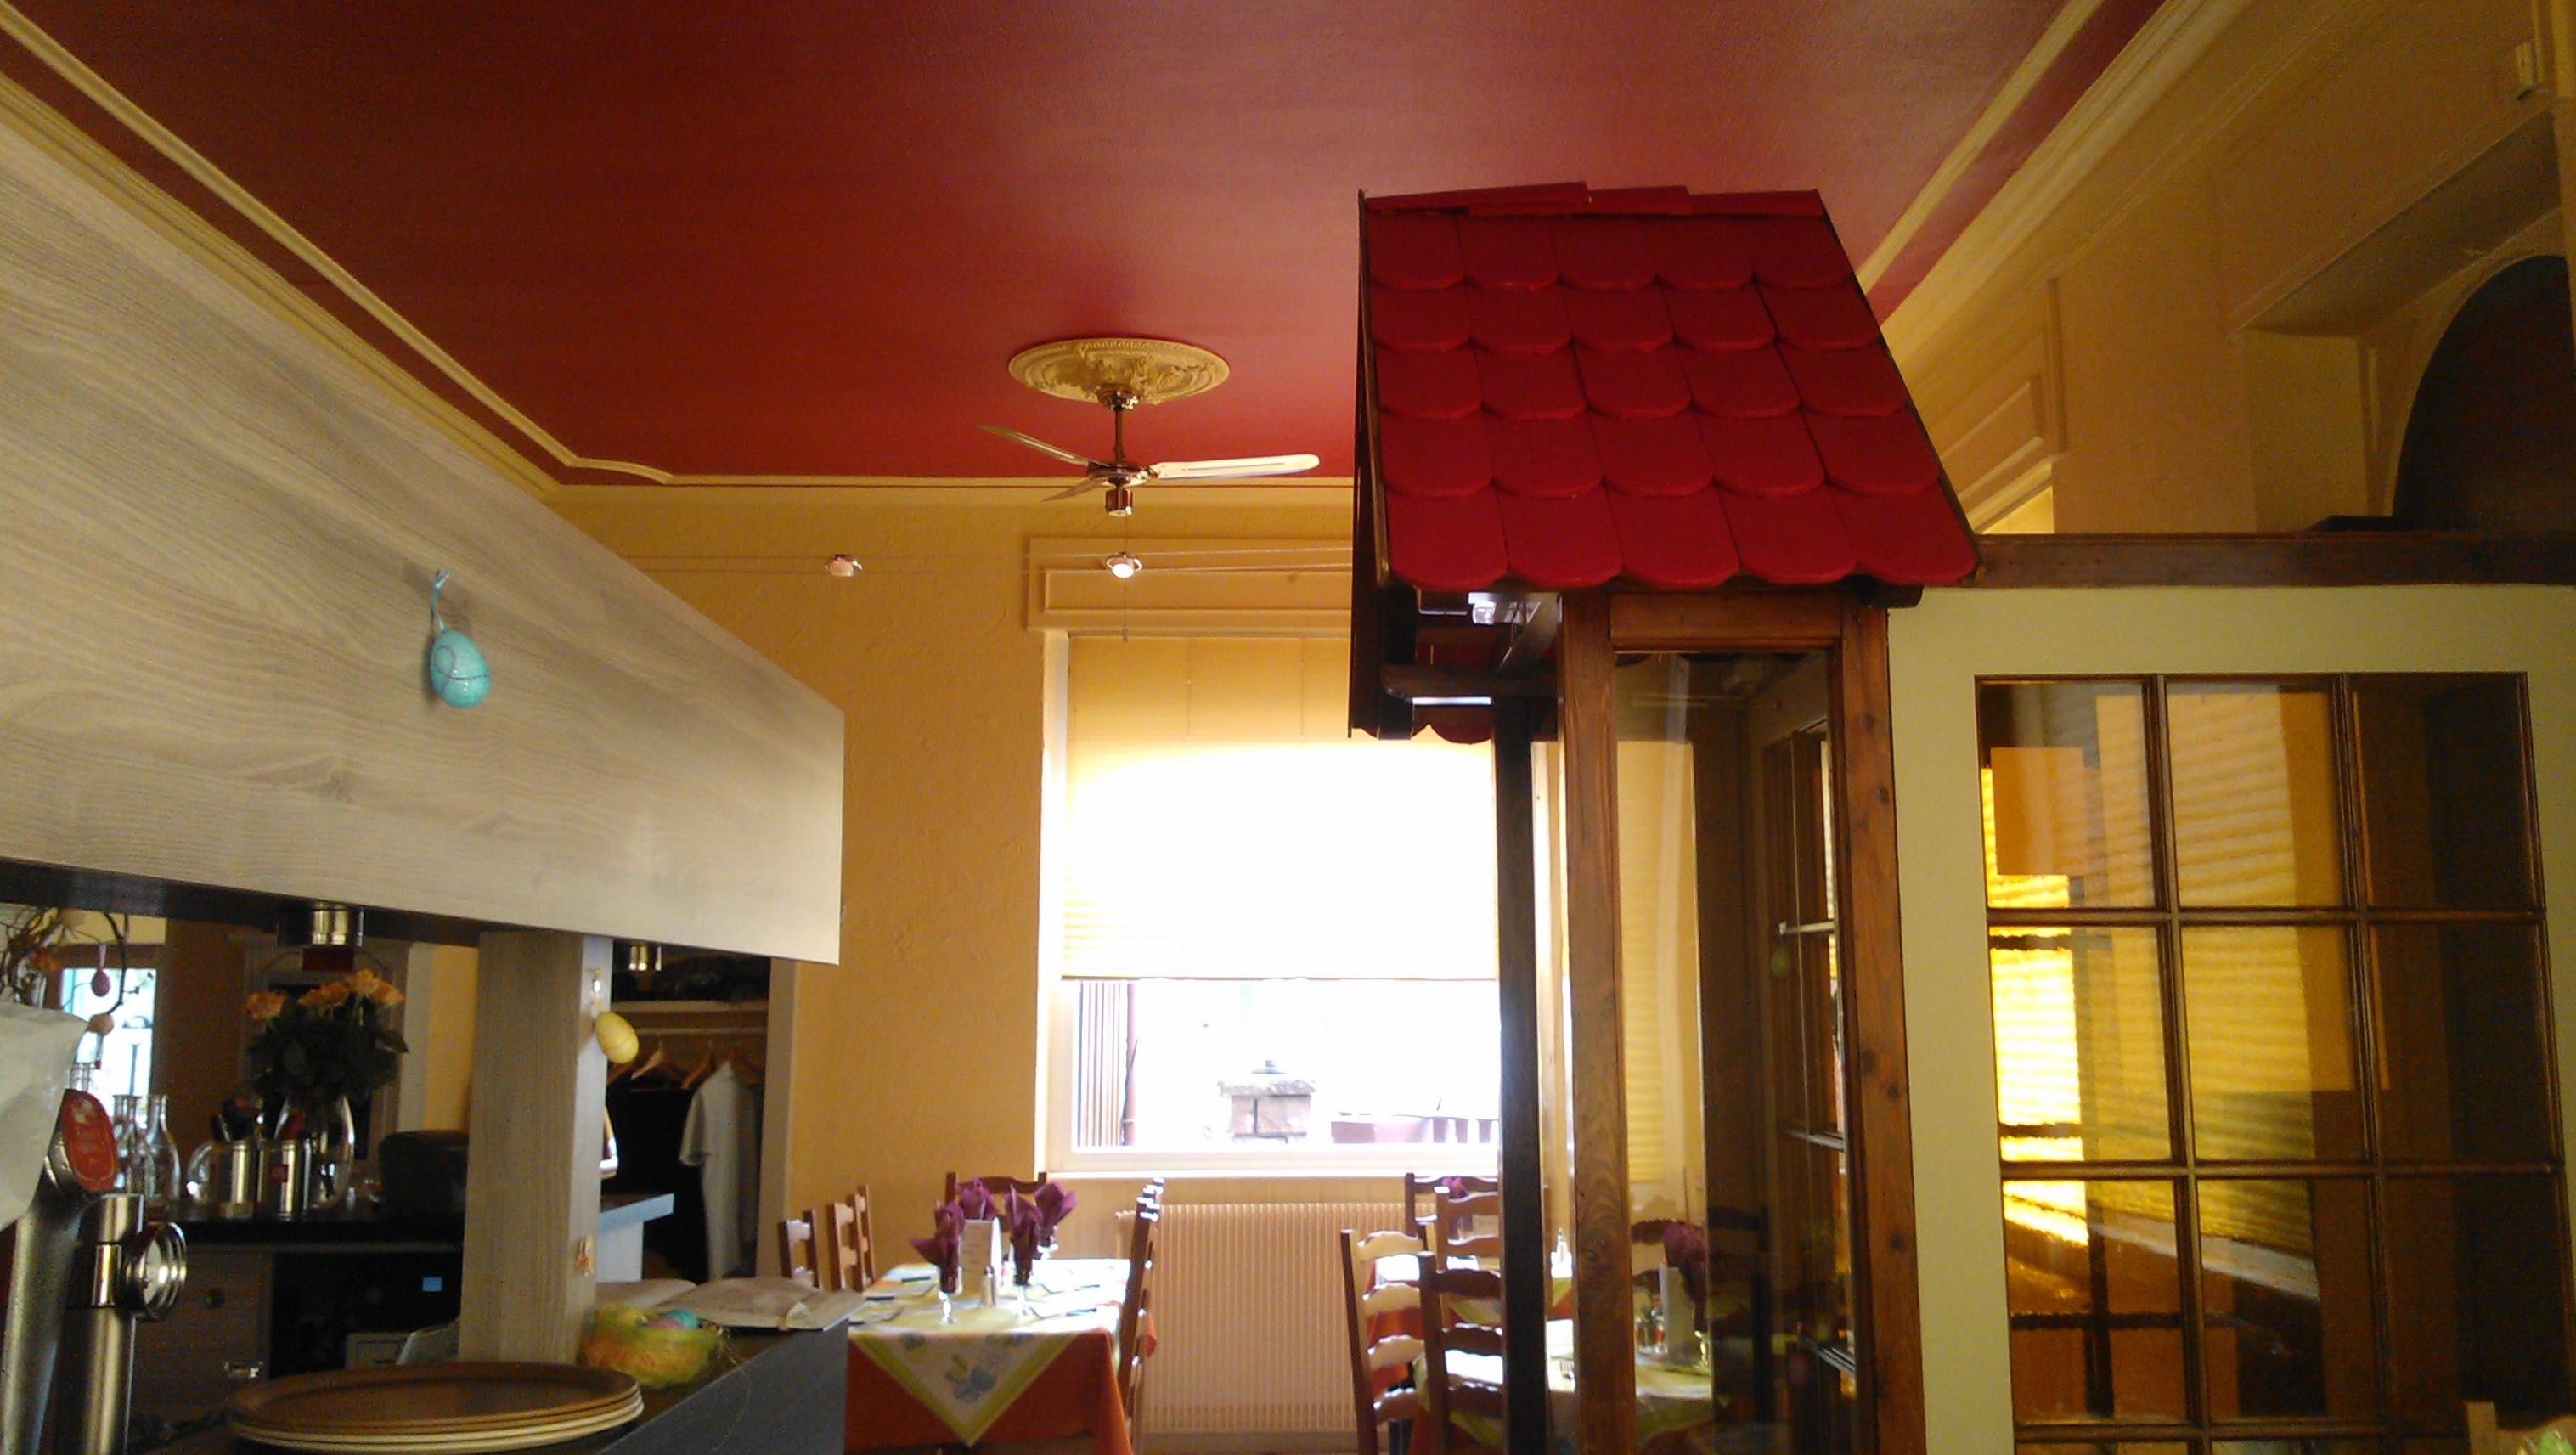 Decortech rénovation peinture restaurant portofino chez gopi